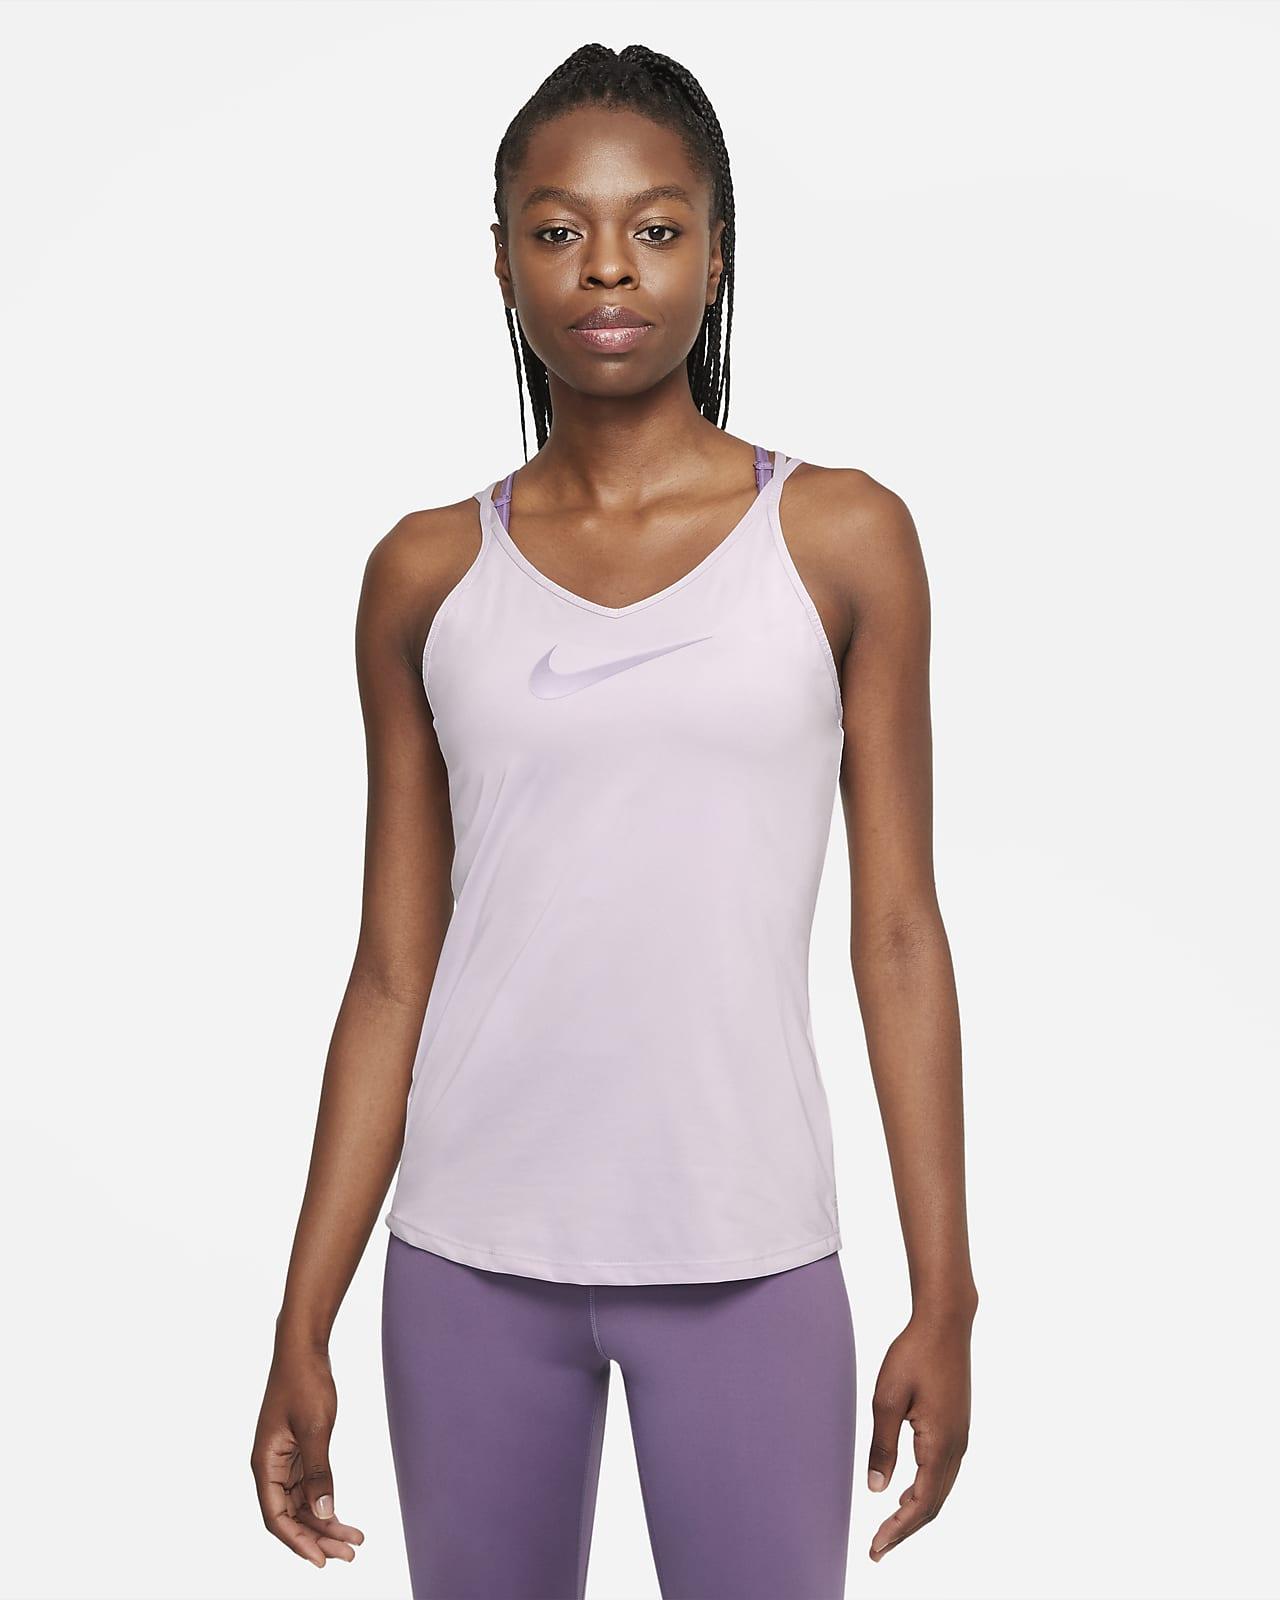 เสื้อกล้ามทรงเข้ารูปผู้หญิง Nike Dri-FIT One Strappy